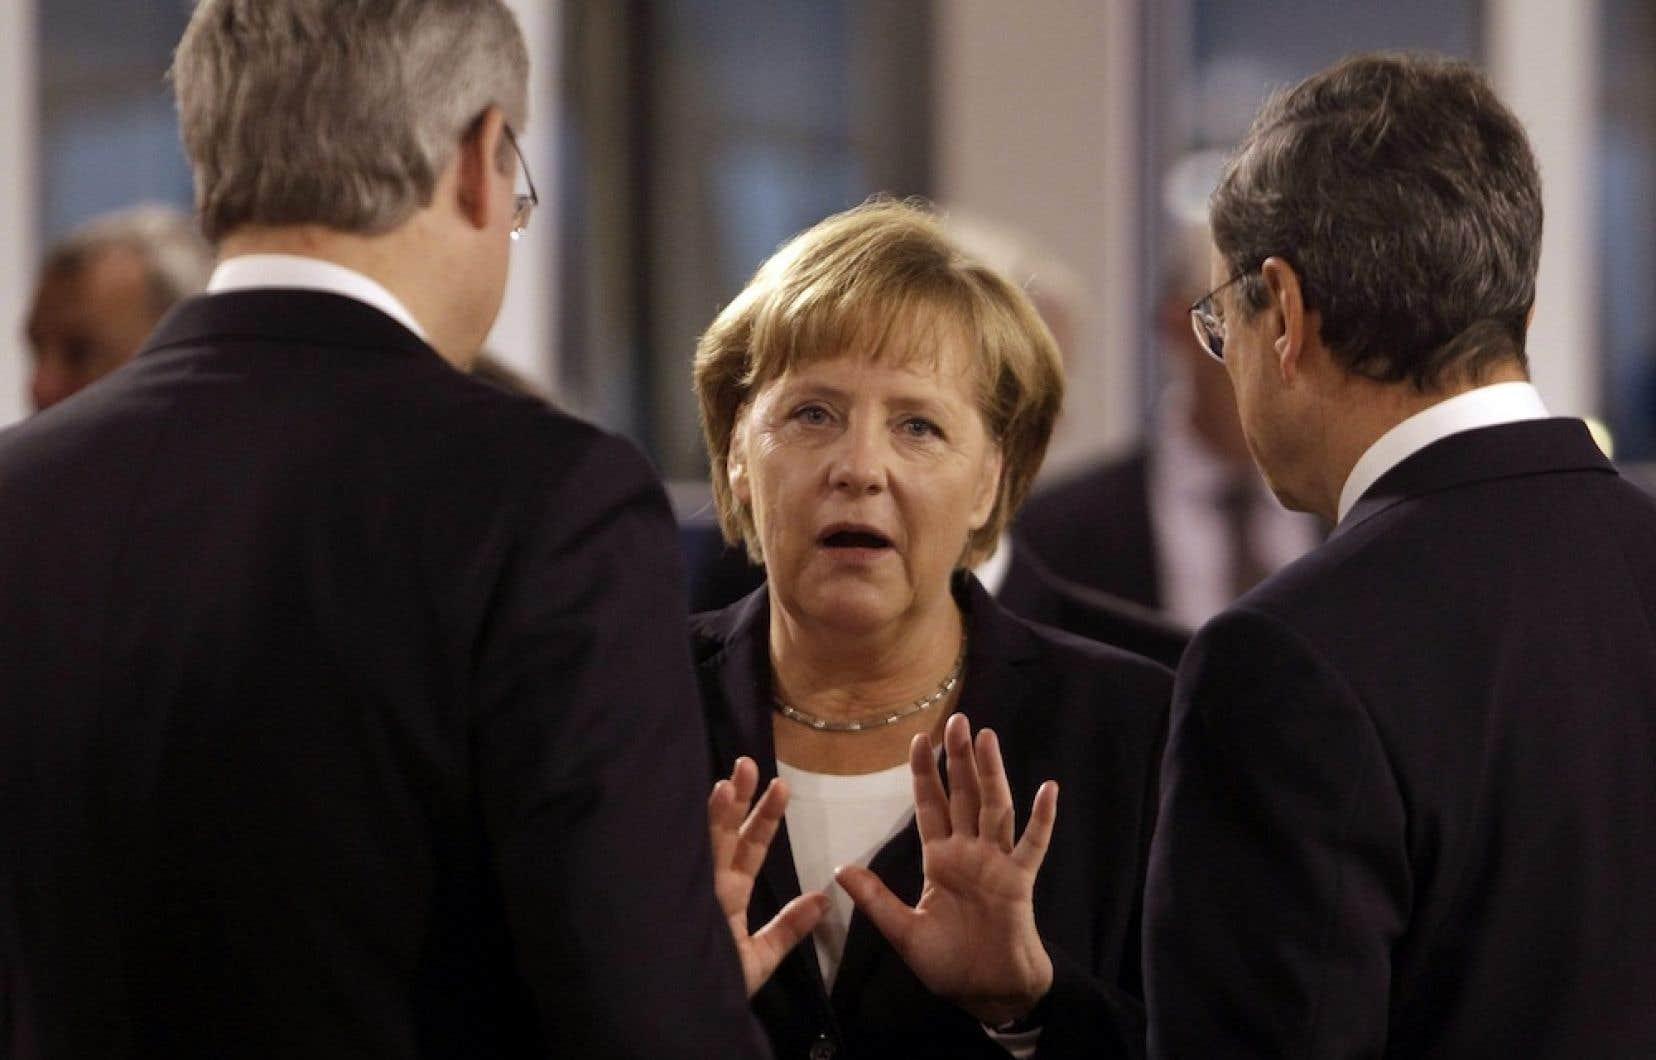 La chancelière Angela Merkel avec Stephen Harper et le président de la Banque centrale européenne, Marco Draghi. Les négociations de libre-échange en cours entre le Canada et l'Europe présentent un côté politique beaucoup plus important qu'il n'y paraît.